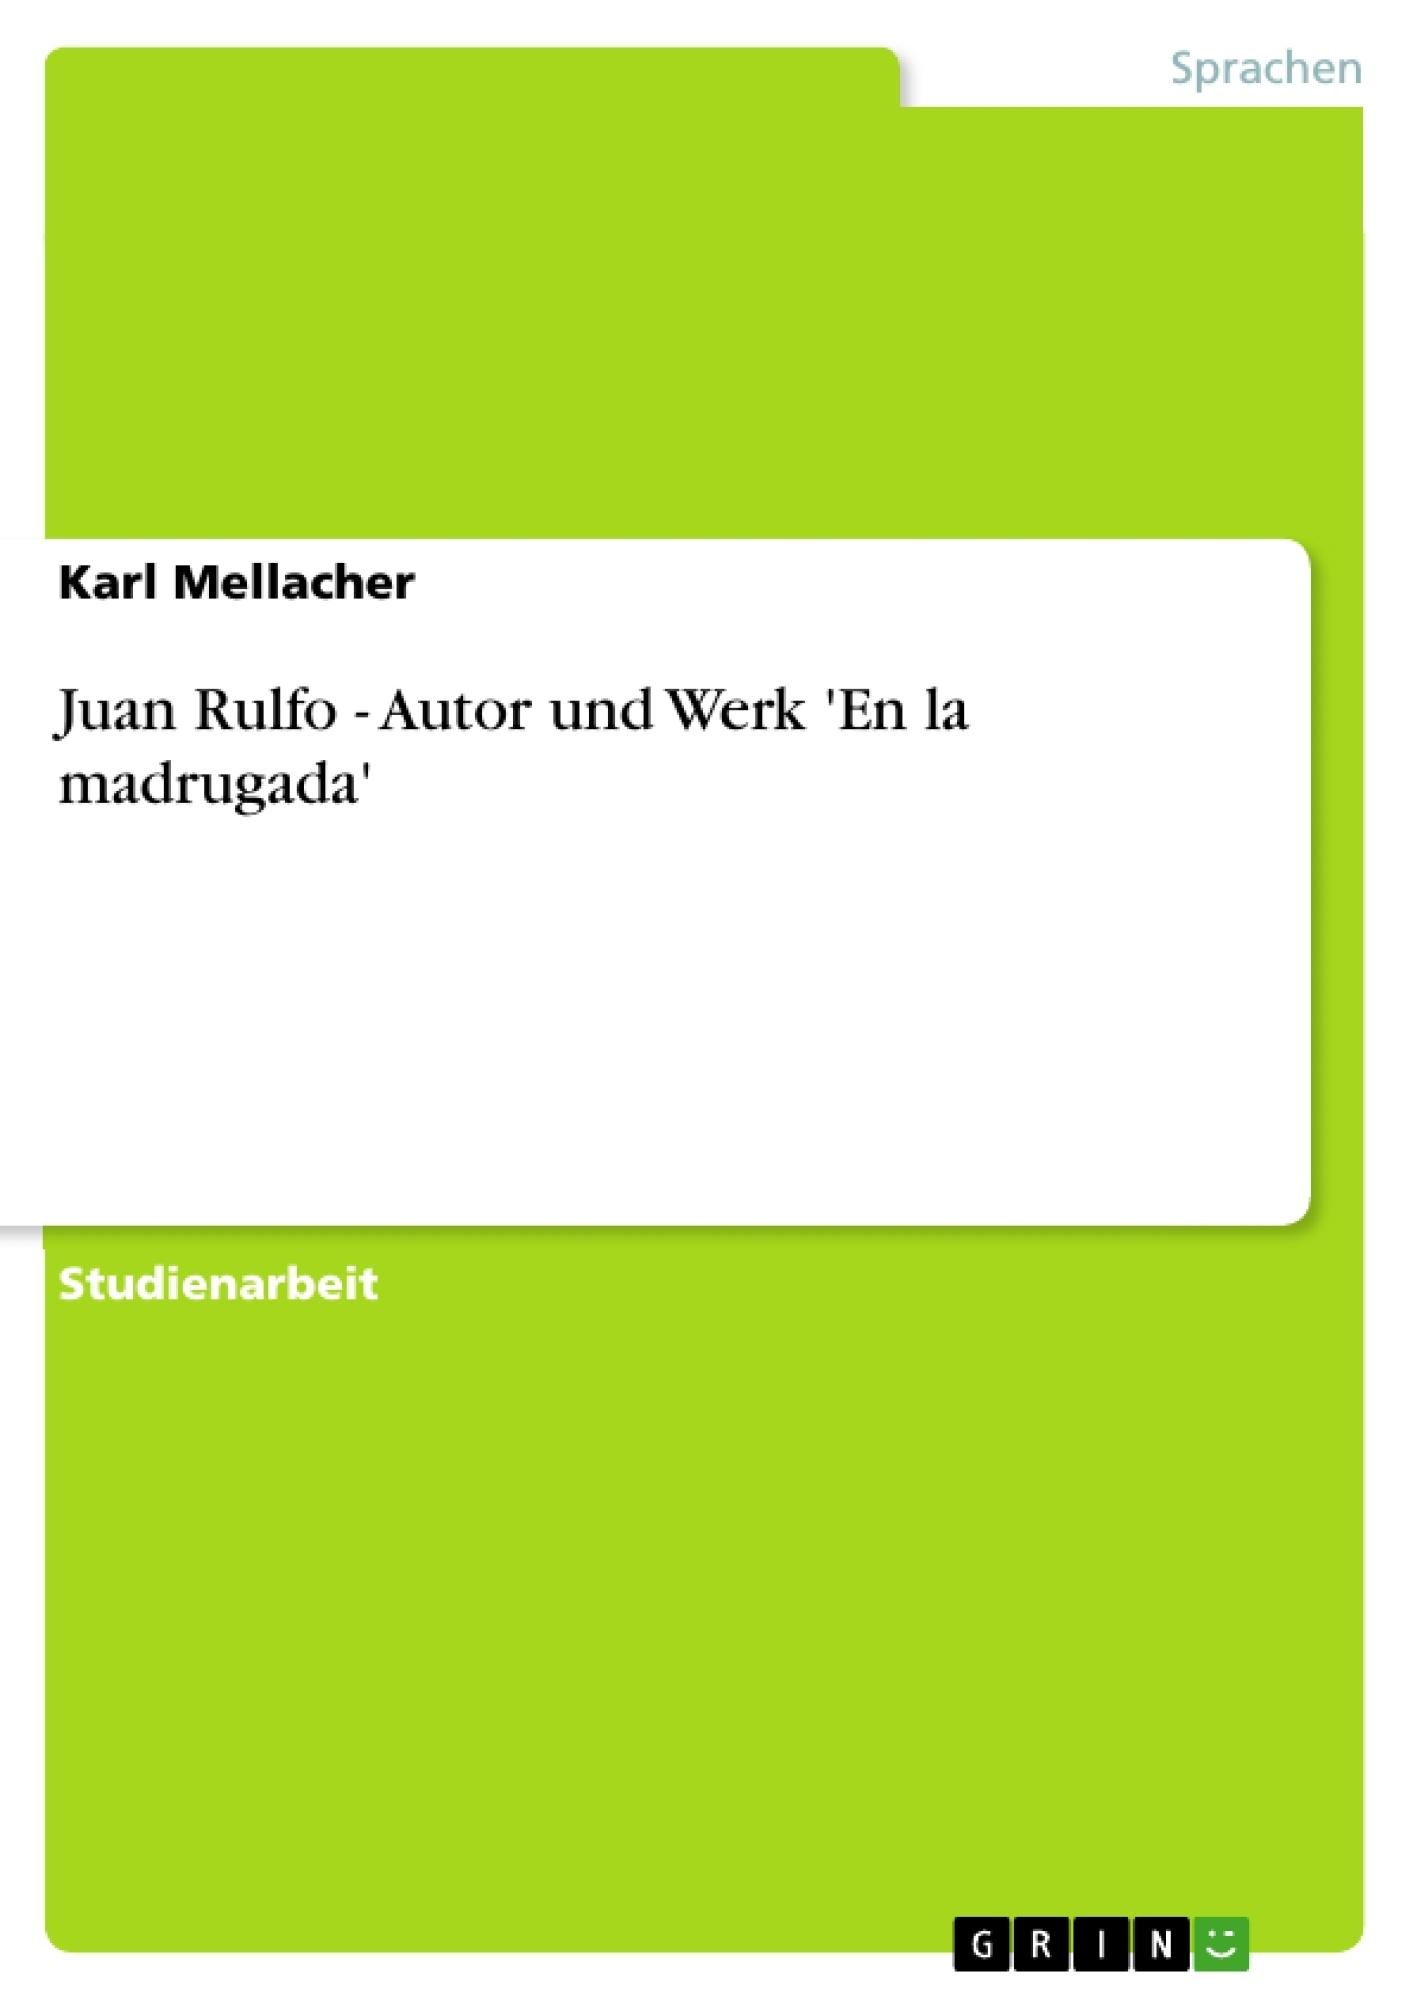 Titel: Juan Rulfo - Autor und Werk 'En la madrugada'